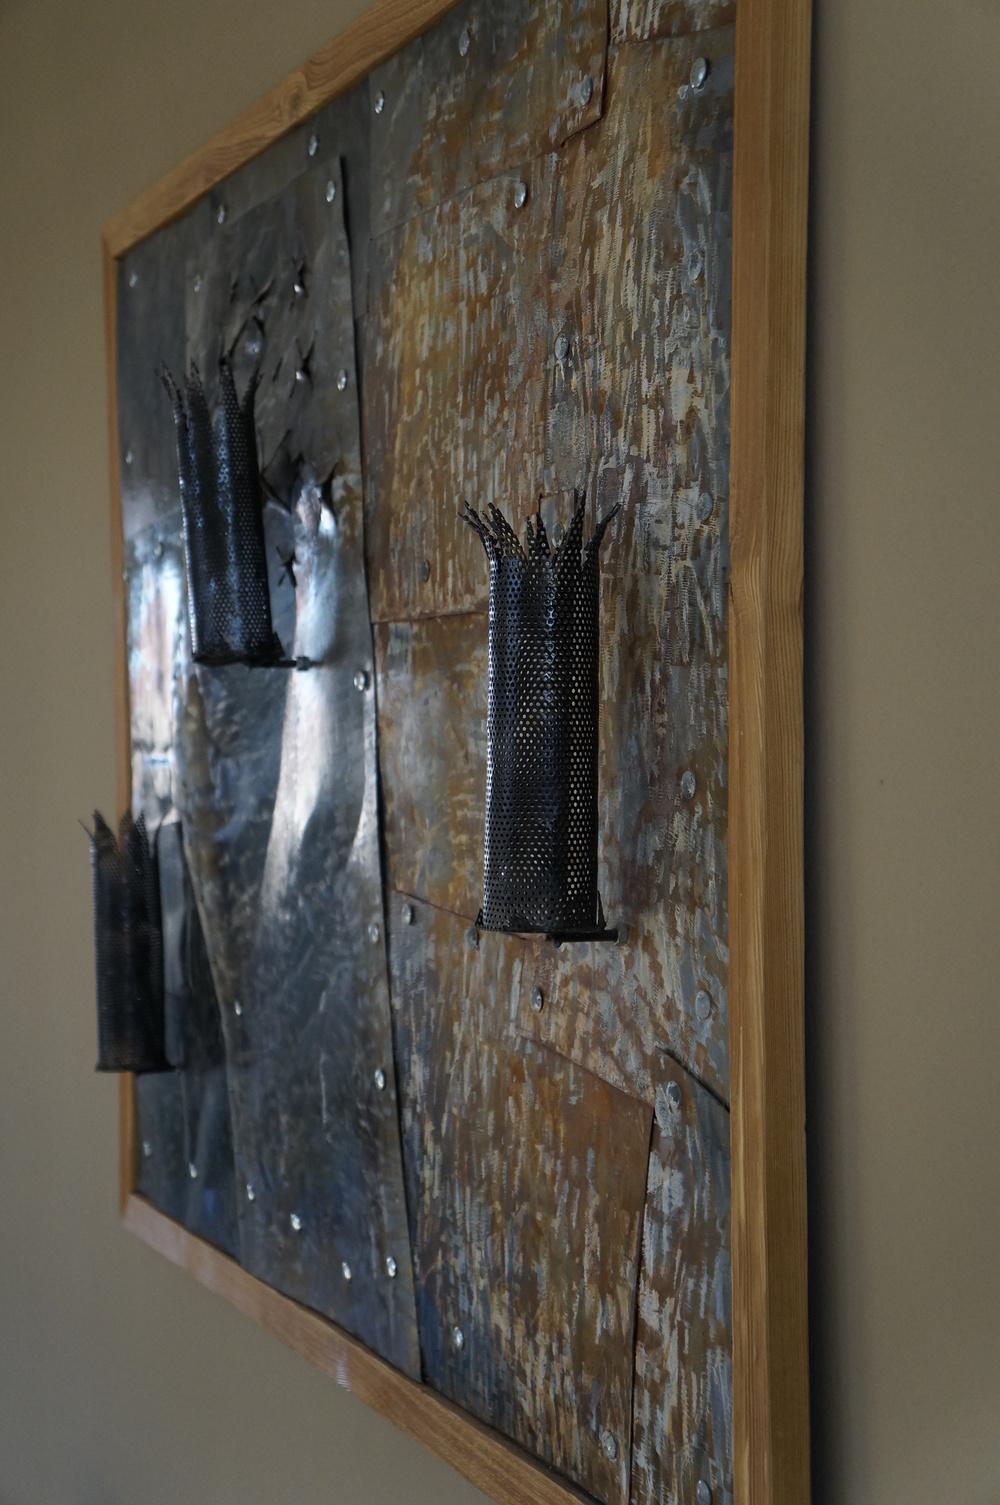 Metallbild1-Naumburg-Kunst-Dom